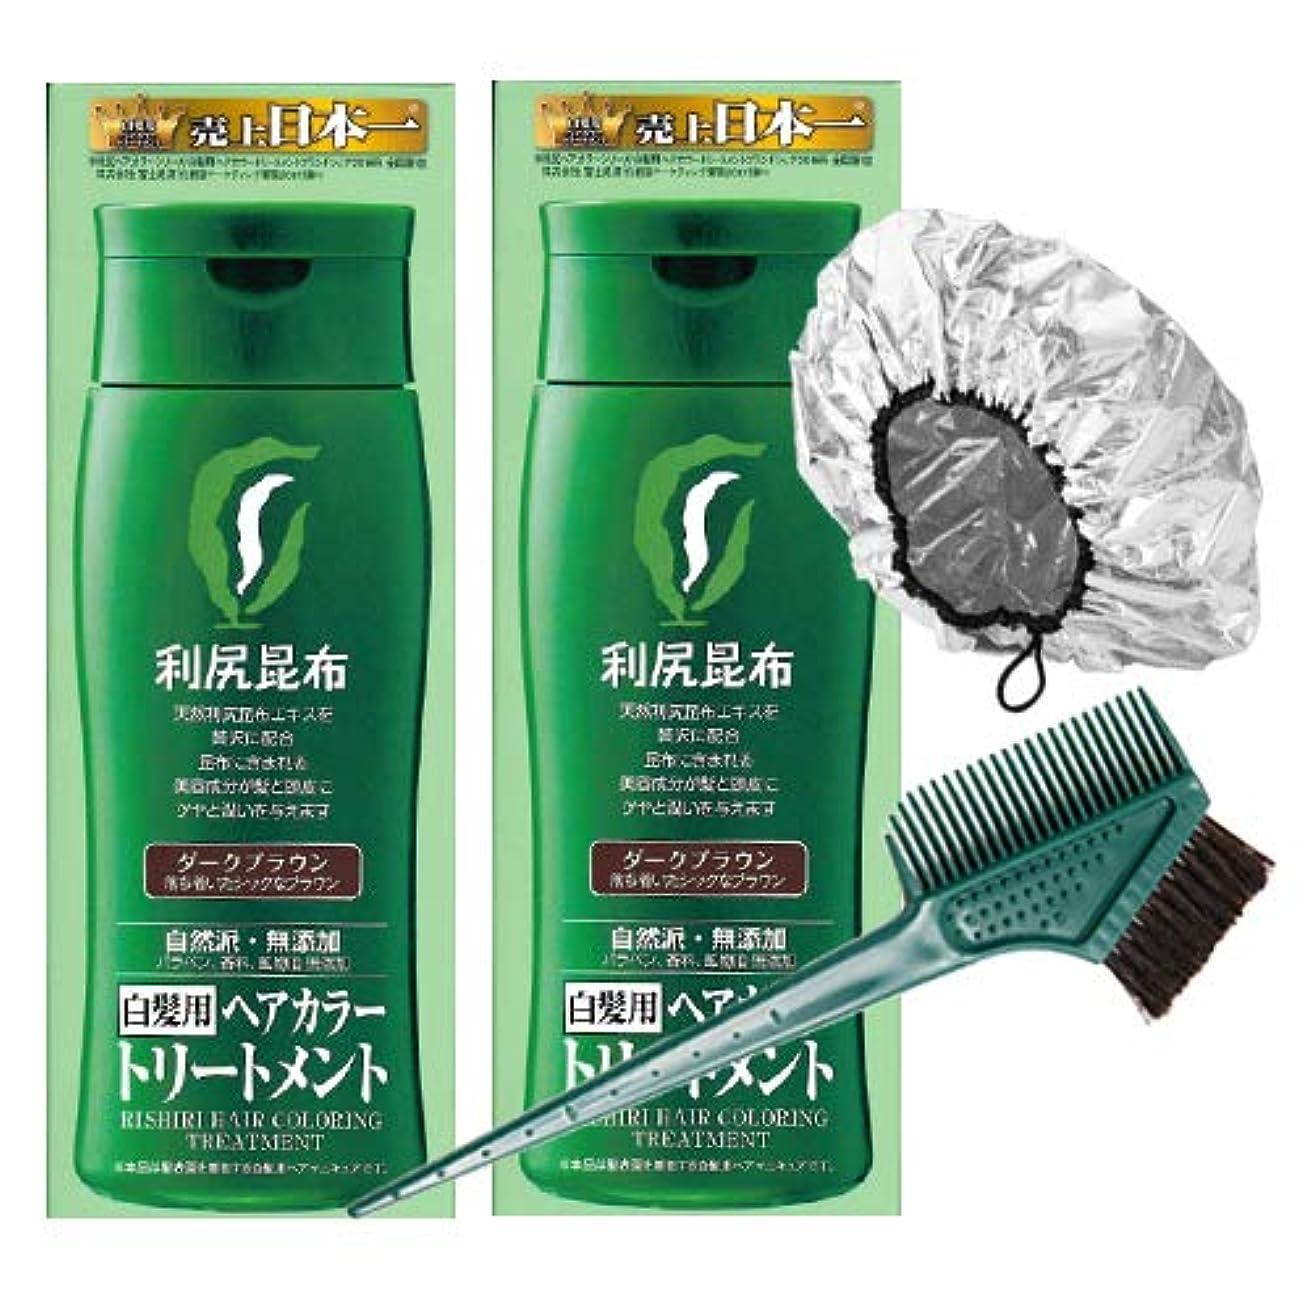 層るサンプル利尻ヘアカラートリートメント白髪染め 200g×2本(ダークブラウン)&馬毛100%毛染めブラシ&専用キャップセット